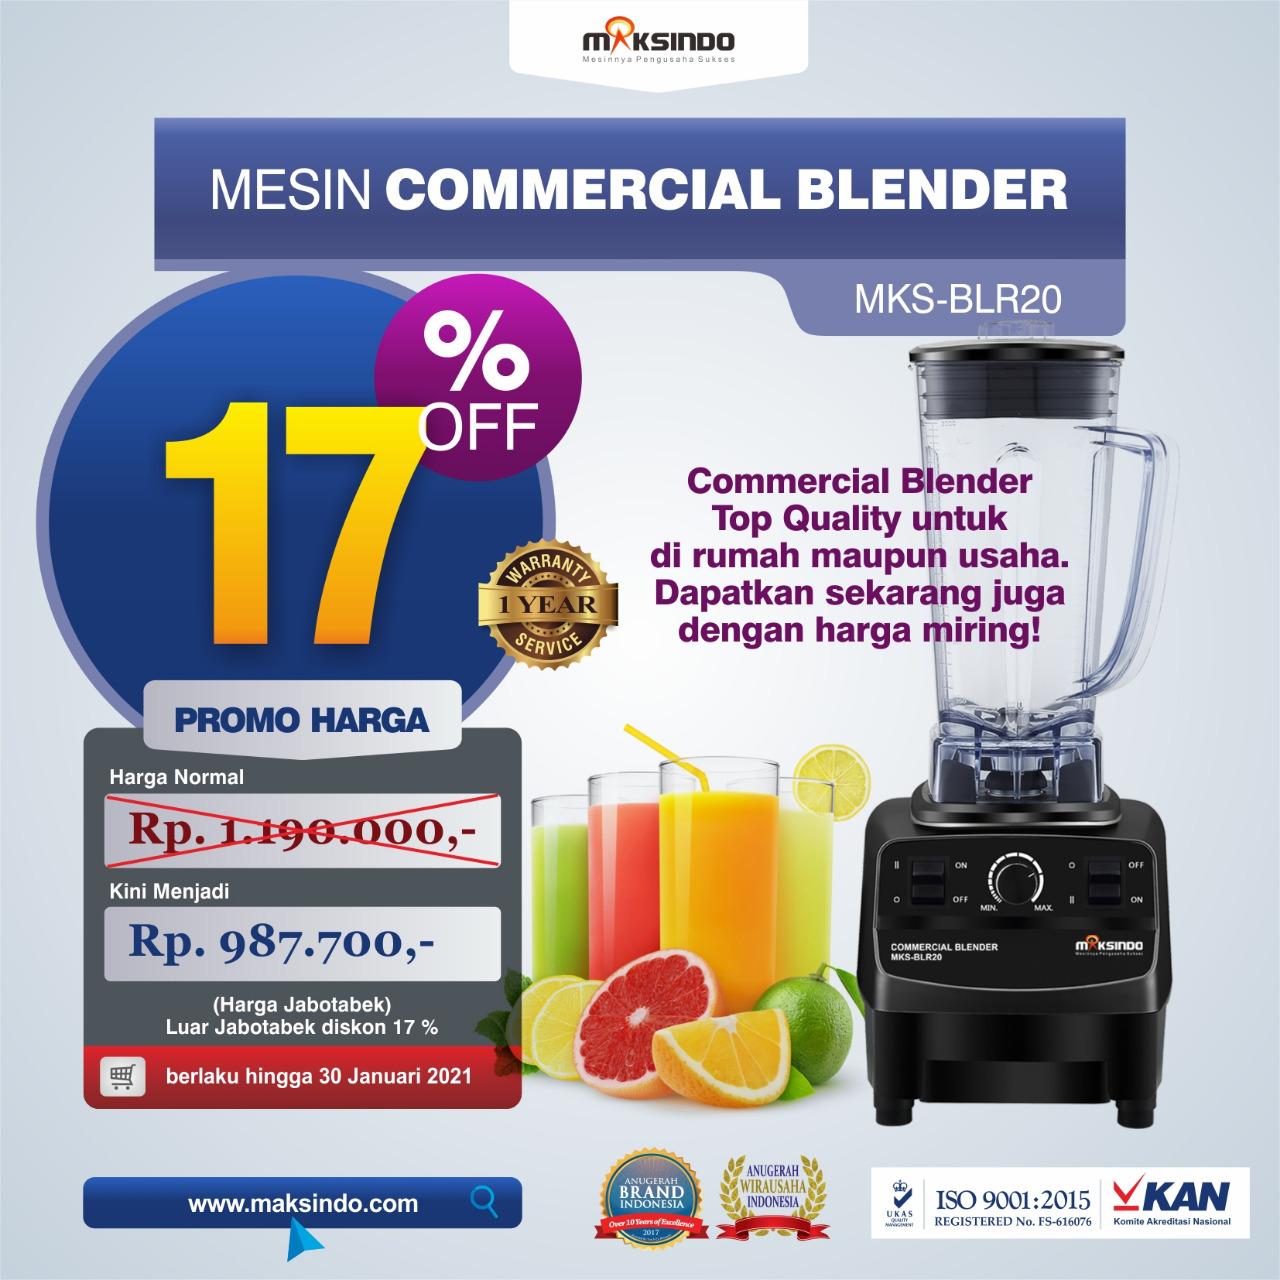 Jual Commercial BlenderMKS-BLR20 di Semarang